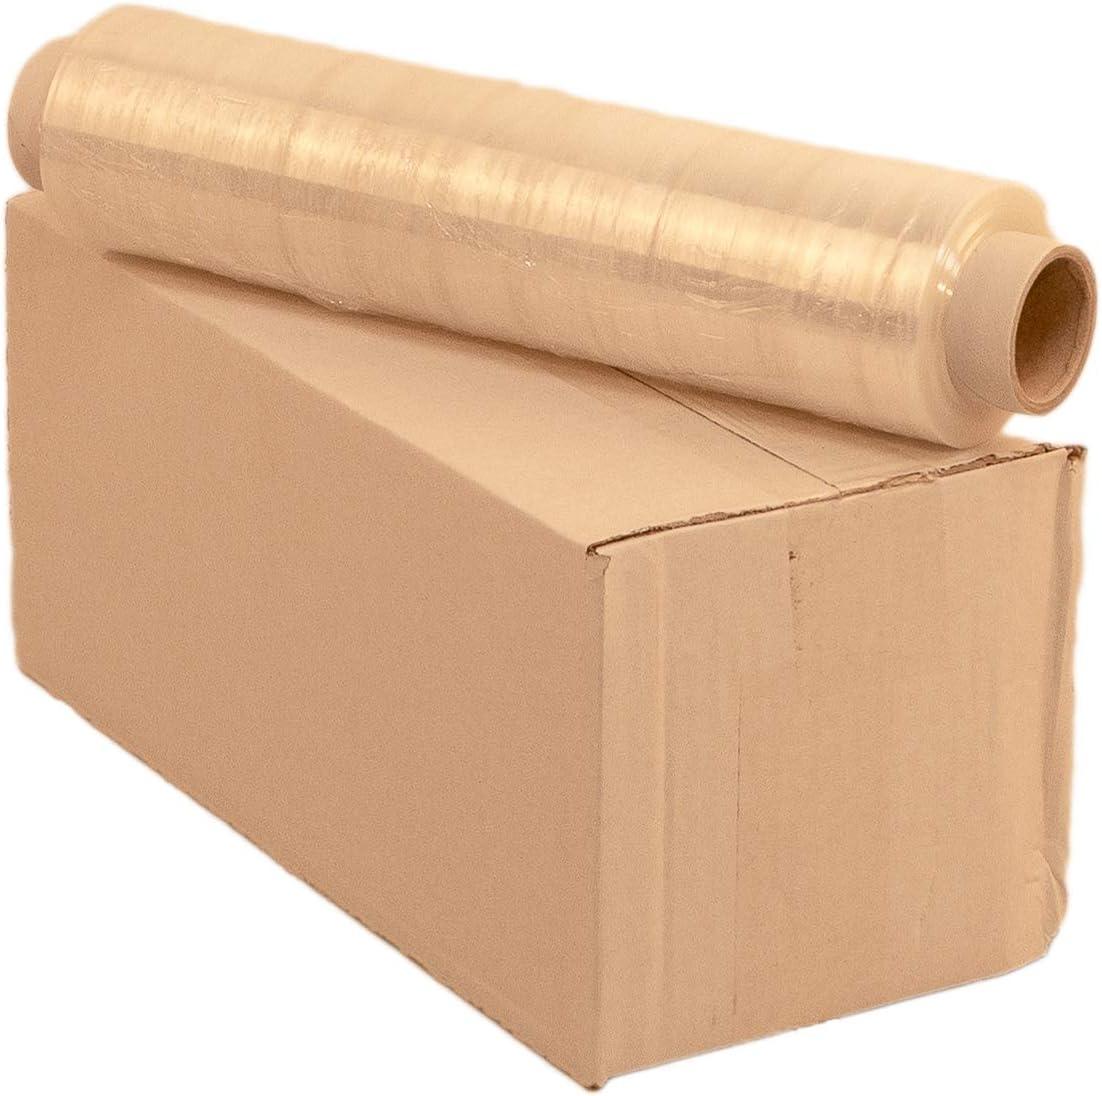 1 Rolle Stretchfolie 20 my Palettenfolie Wickelfolie Strechfolie Verpackungsfolie 500 x 300m